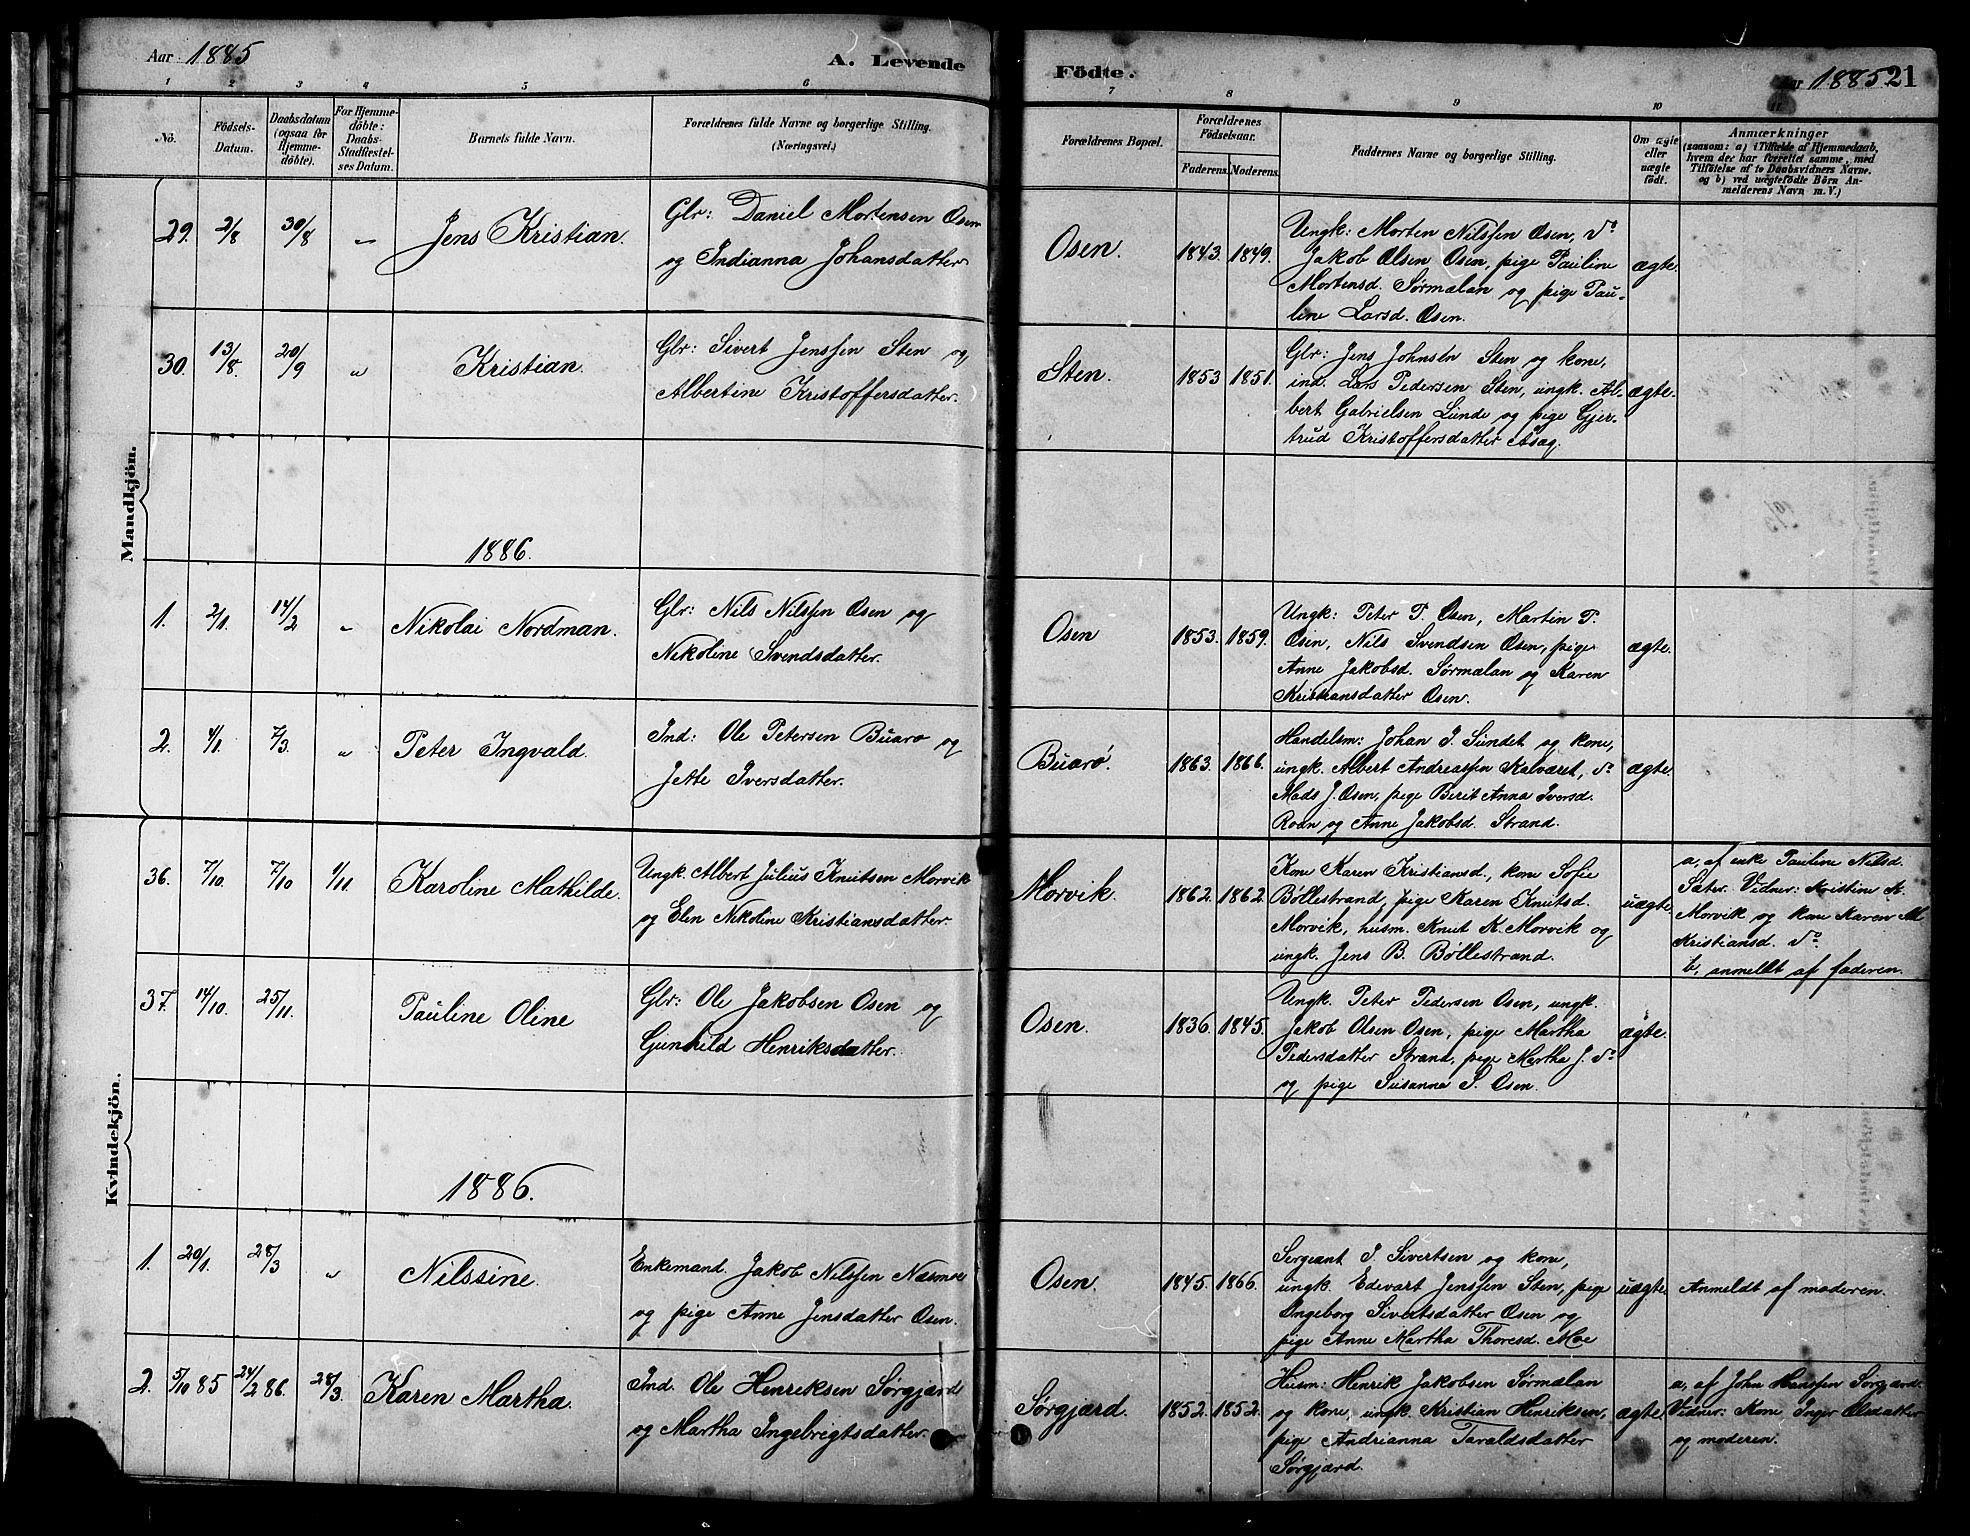 SAT, Ministerialprotokoller, klokkerbøker og fødselsregistre - Sør-Trøndelag, 658/L0726: Klokkerbok nr. 658C02, 1883-1908, s. 21